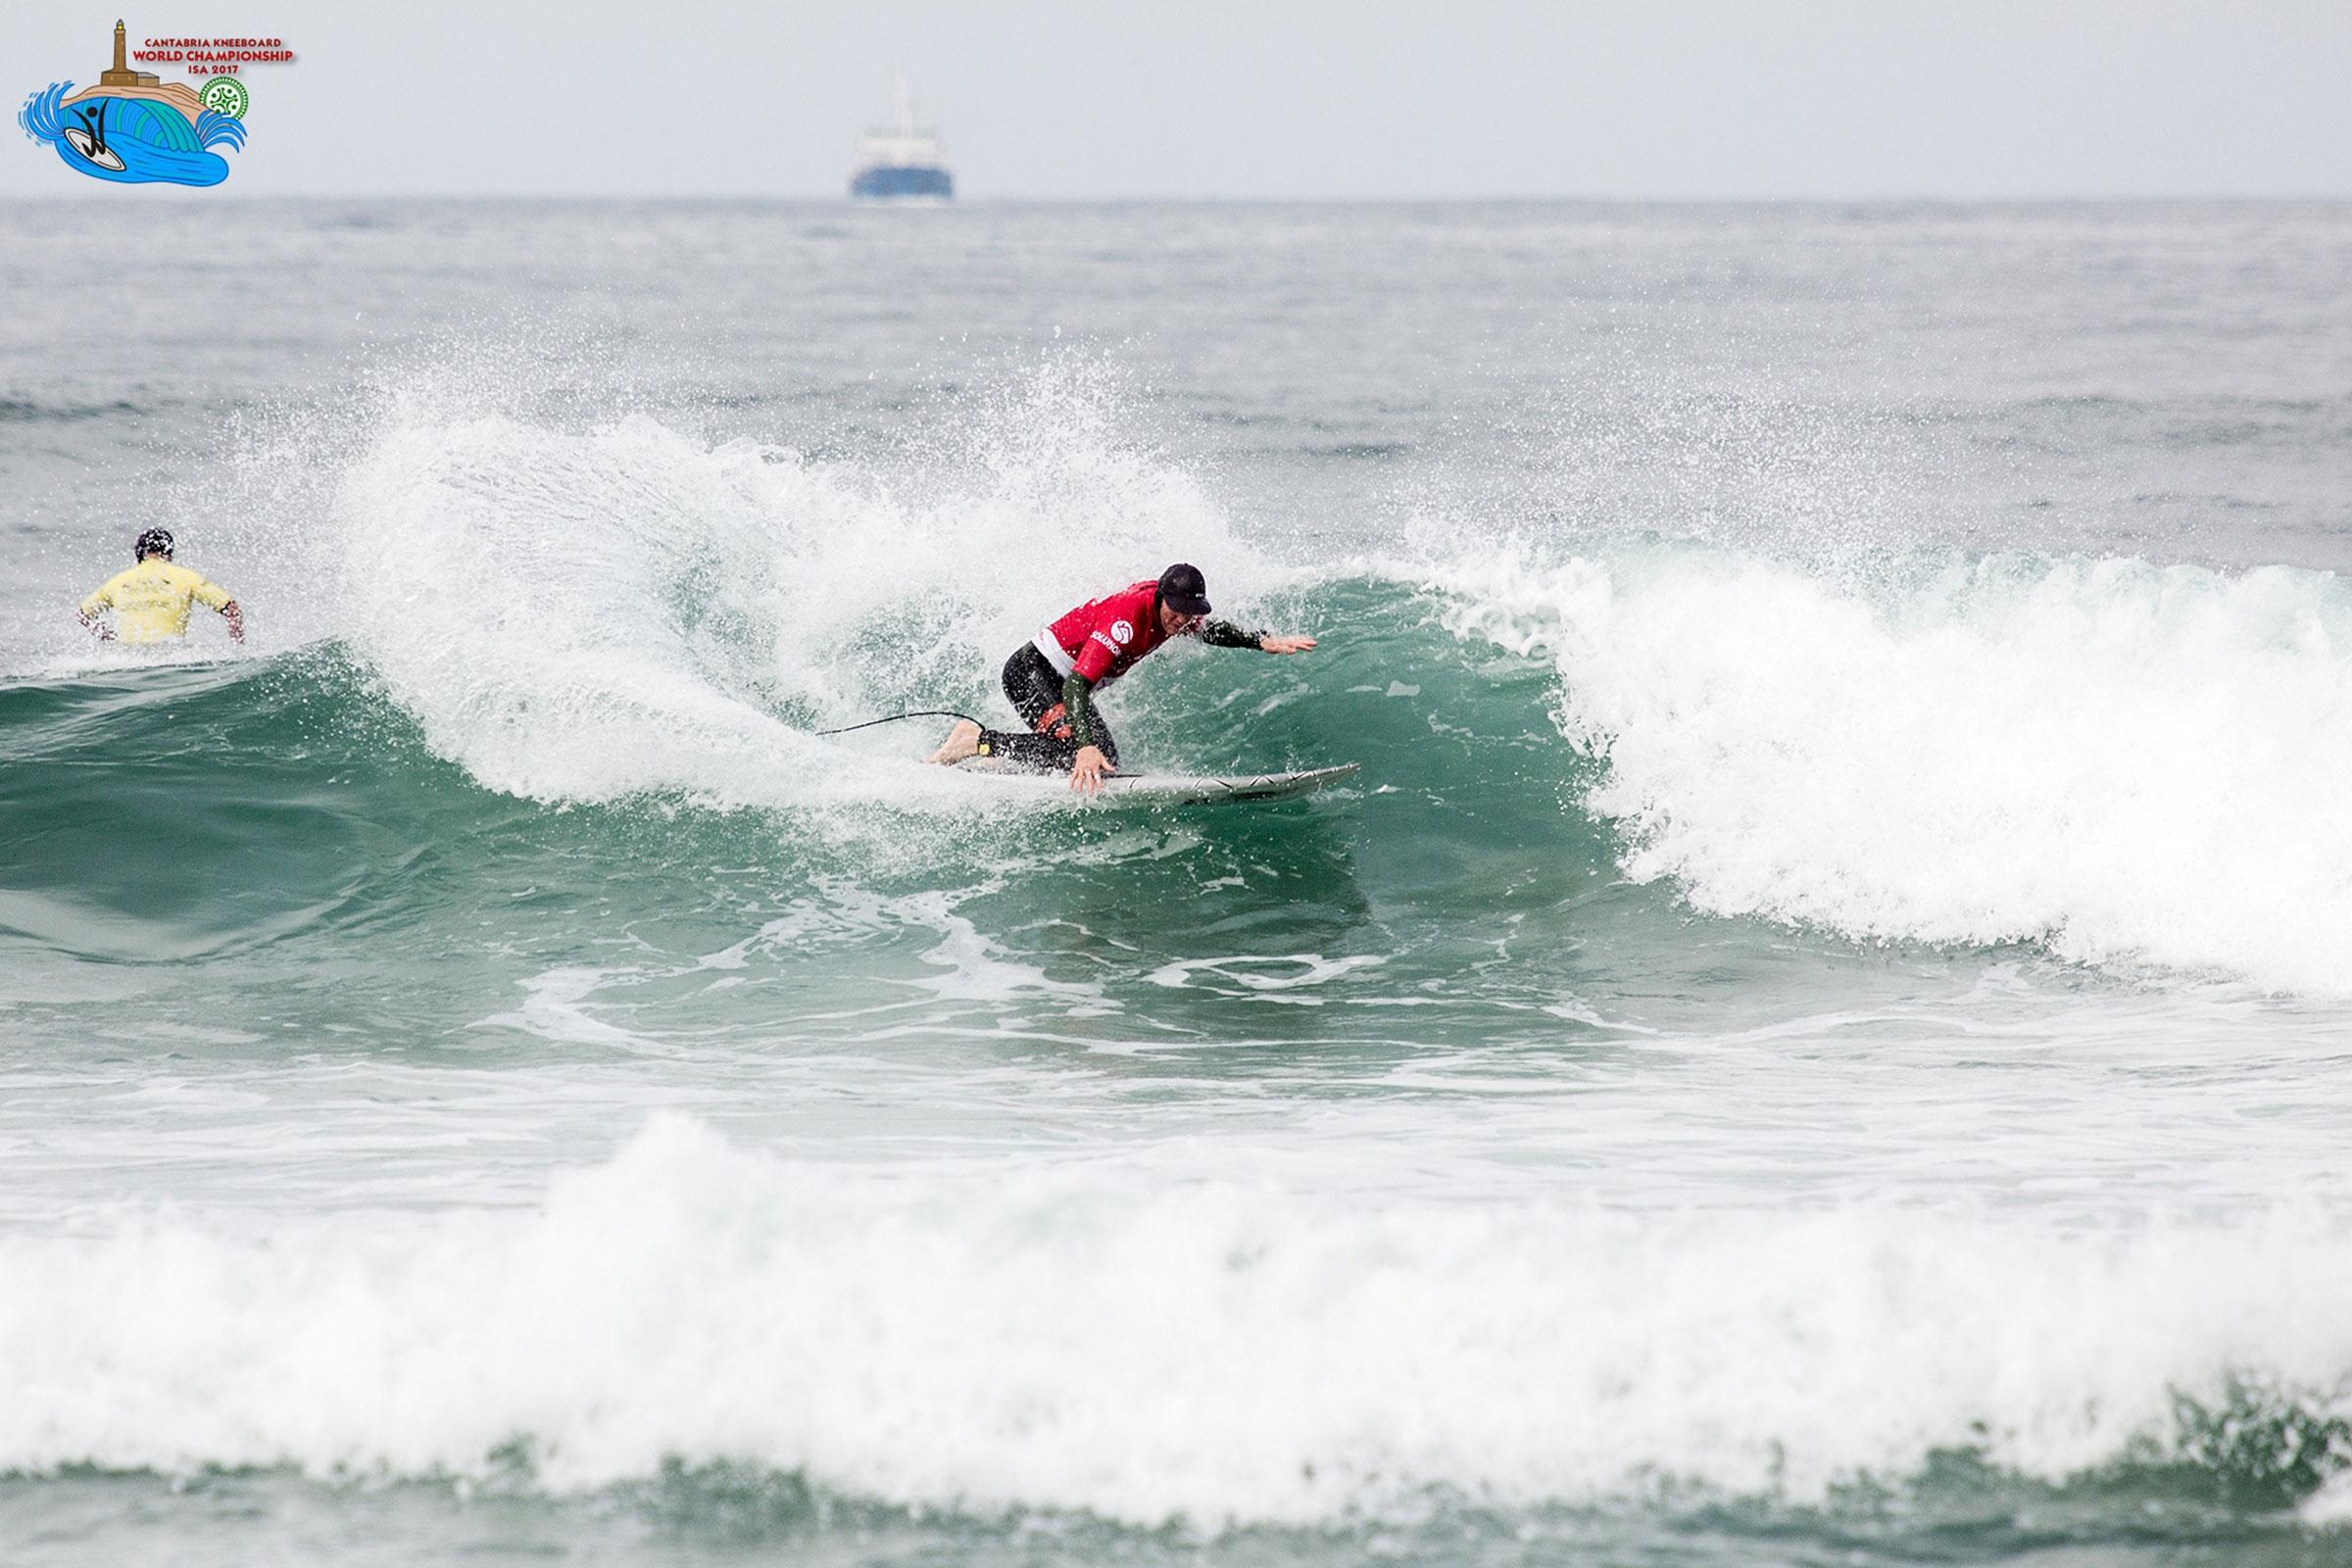 """Arrancó el """"Cantabria ISA Kneeboard World Championship 2017"""" que se está celebrando en la playa de Somo"""